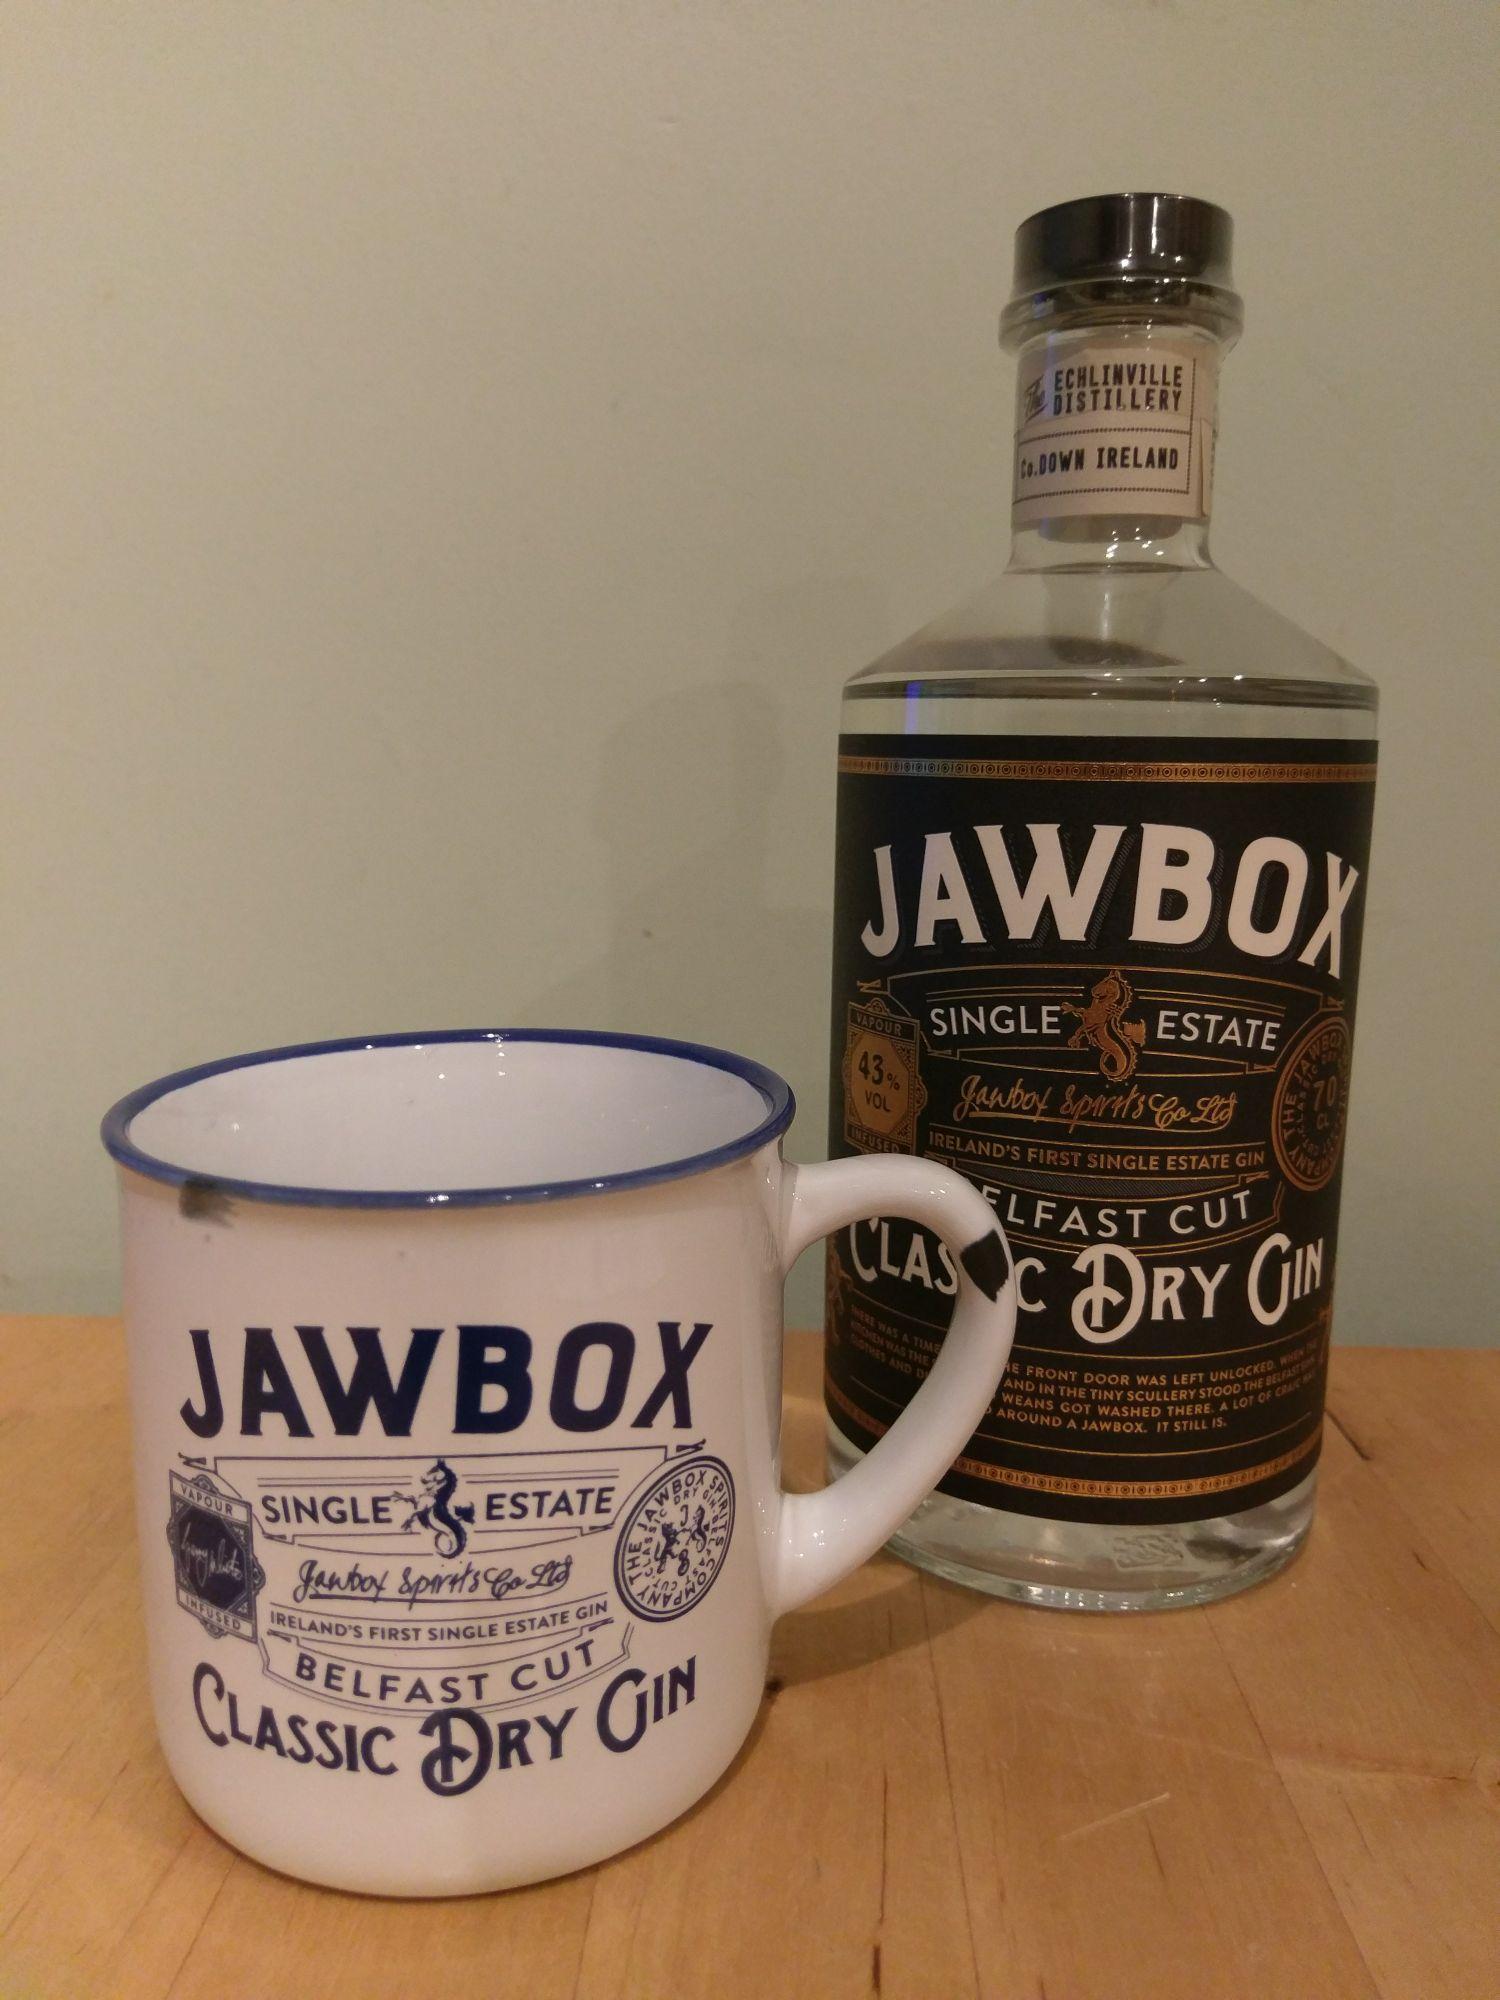 Jawbox Gin 70cl & free Jawbox ceramic mug £25.00